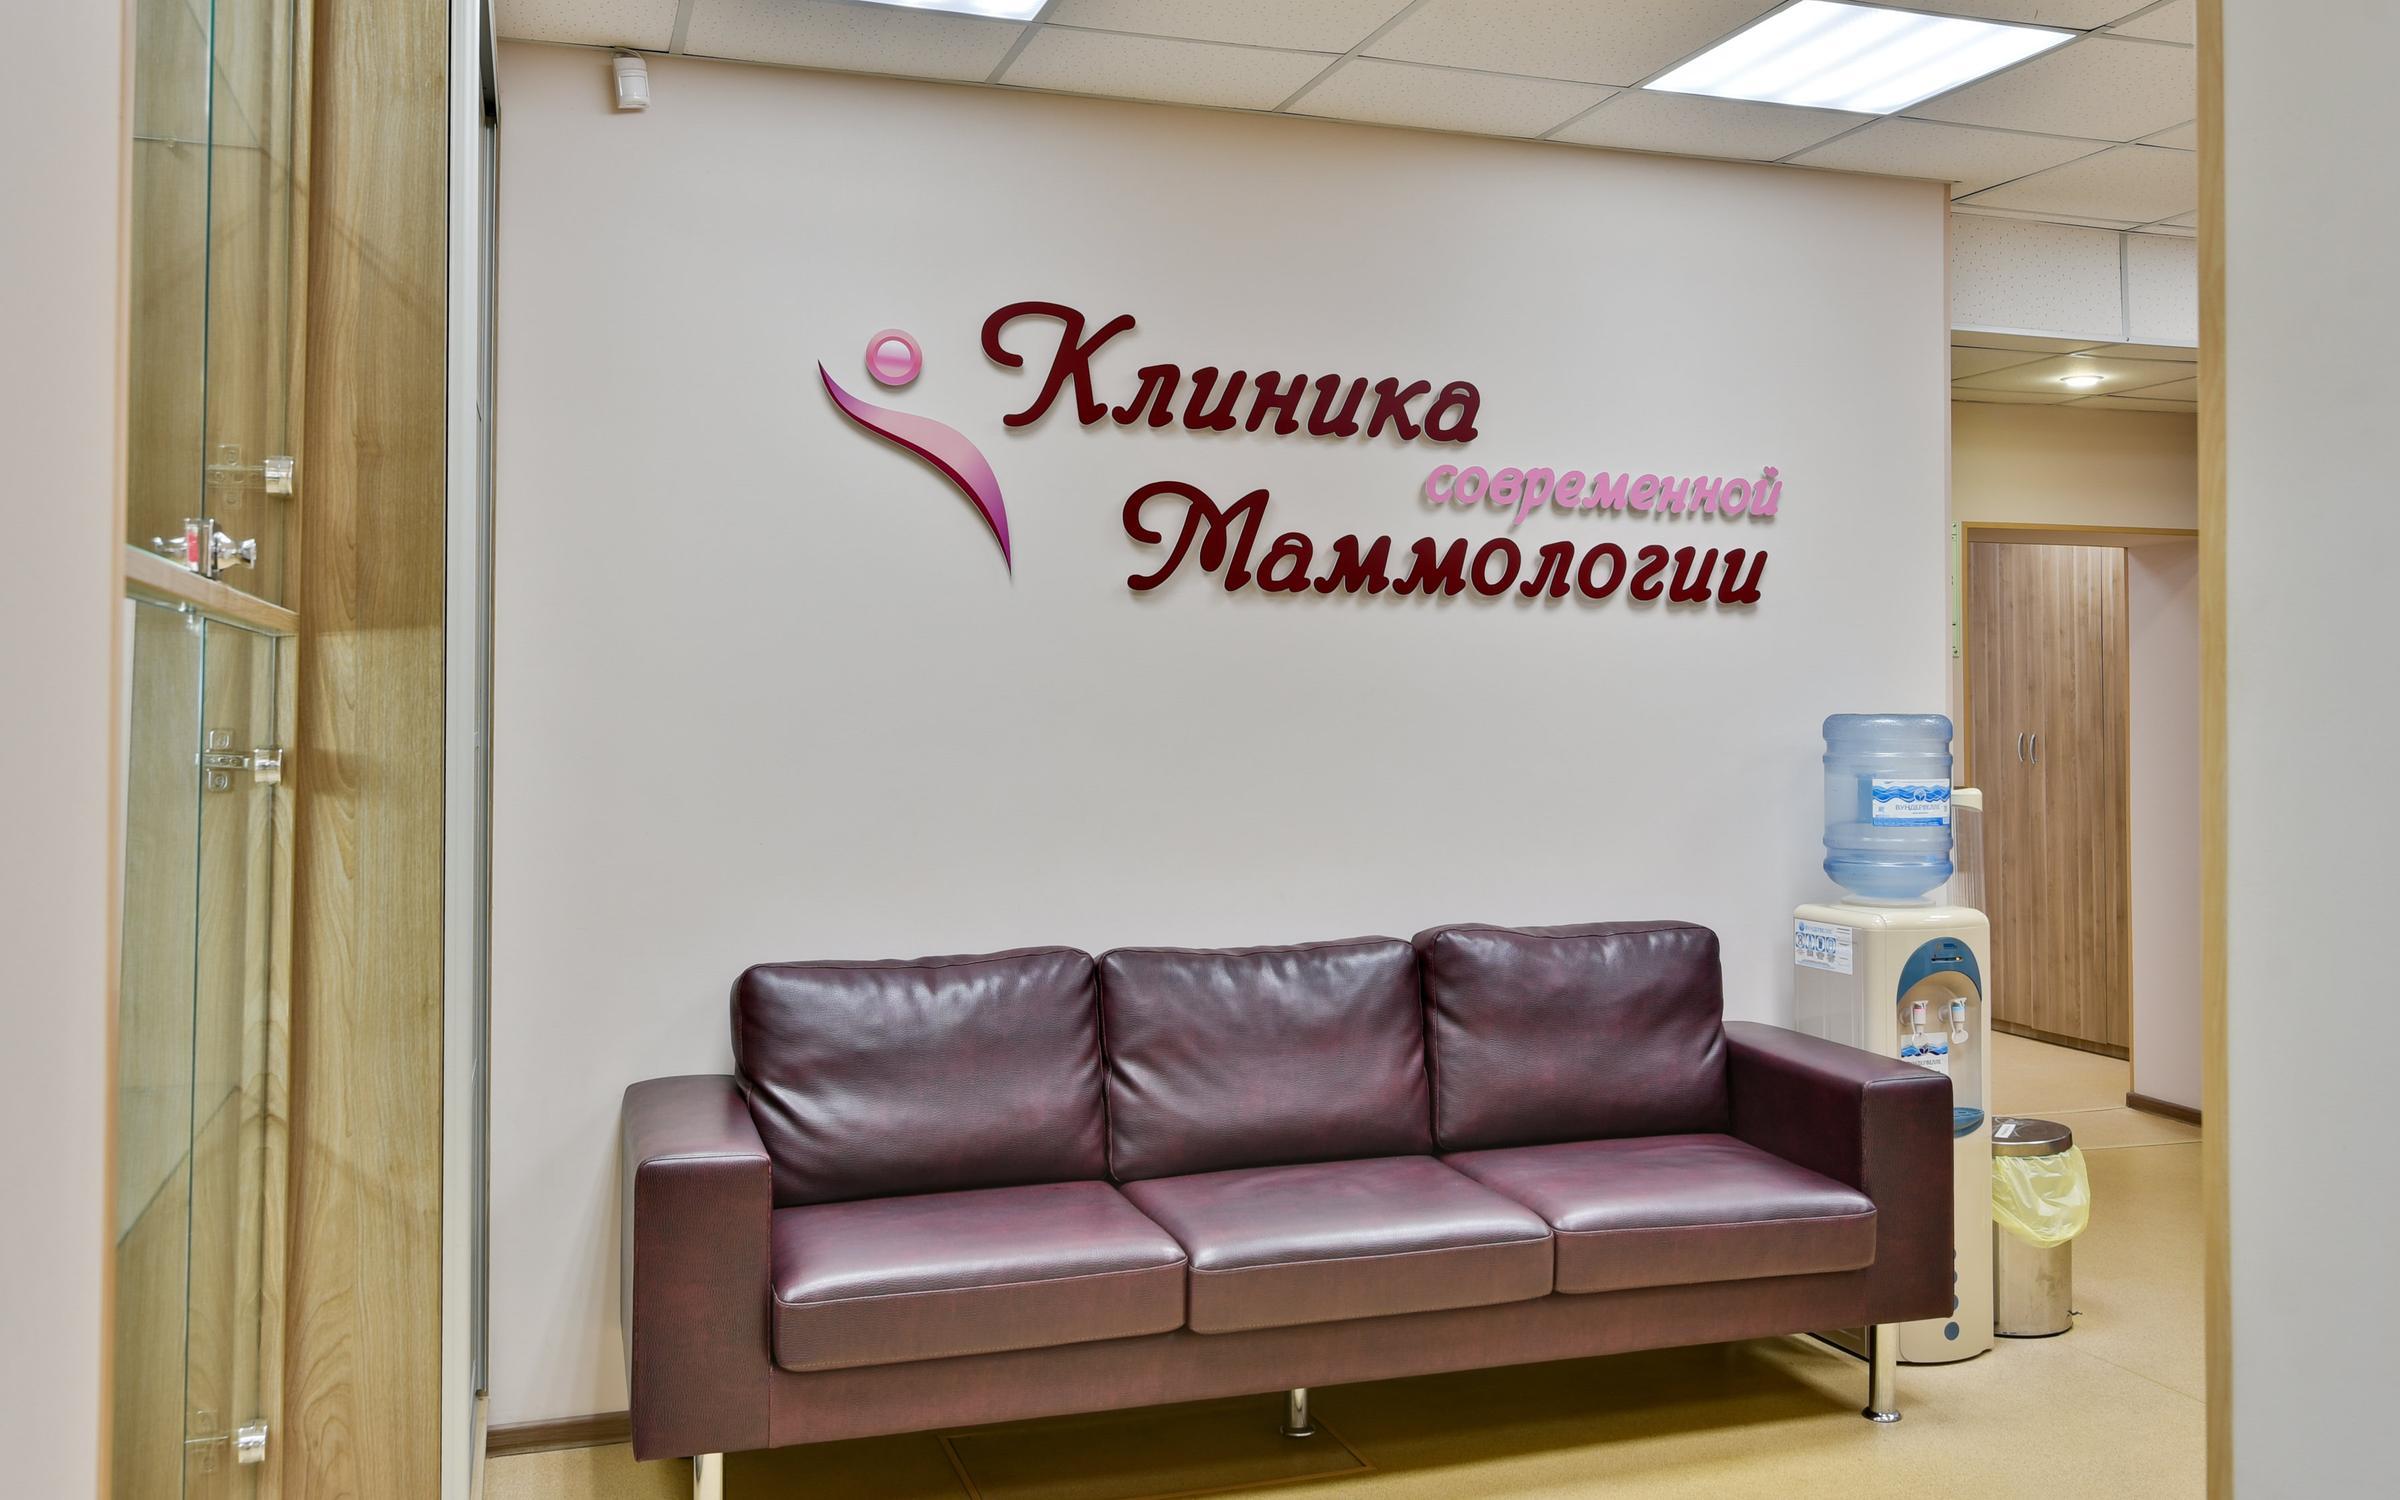 фотография Клиники современной маммологии ВитаКор на улице Пушкина